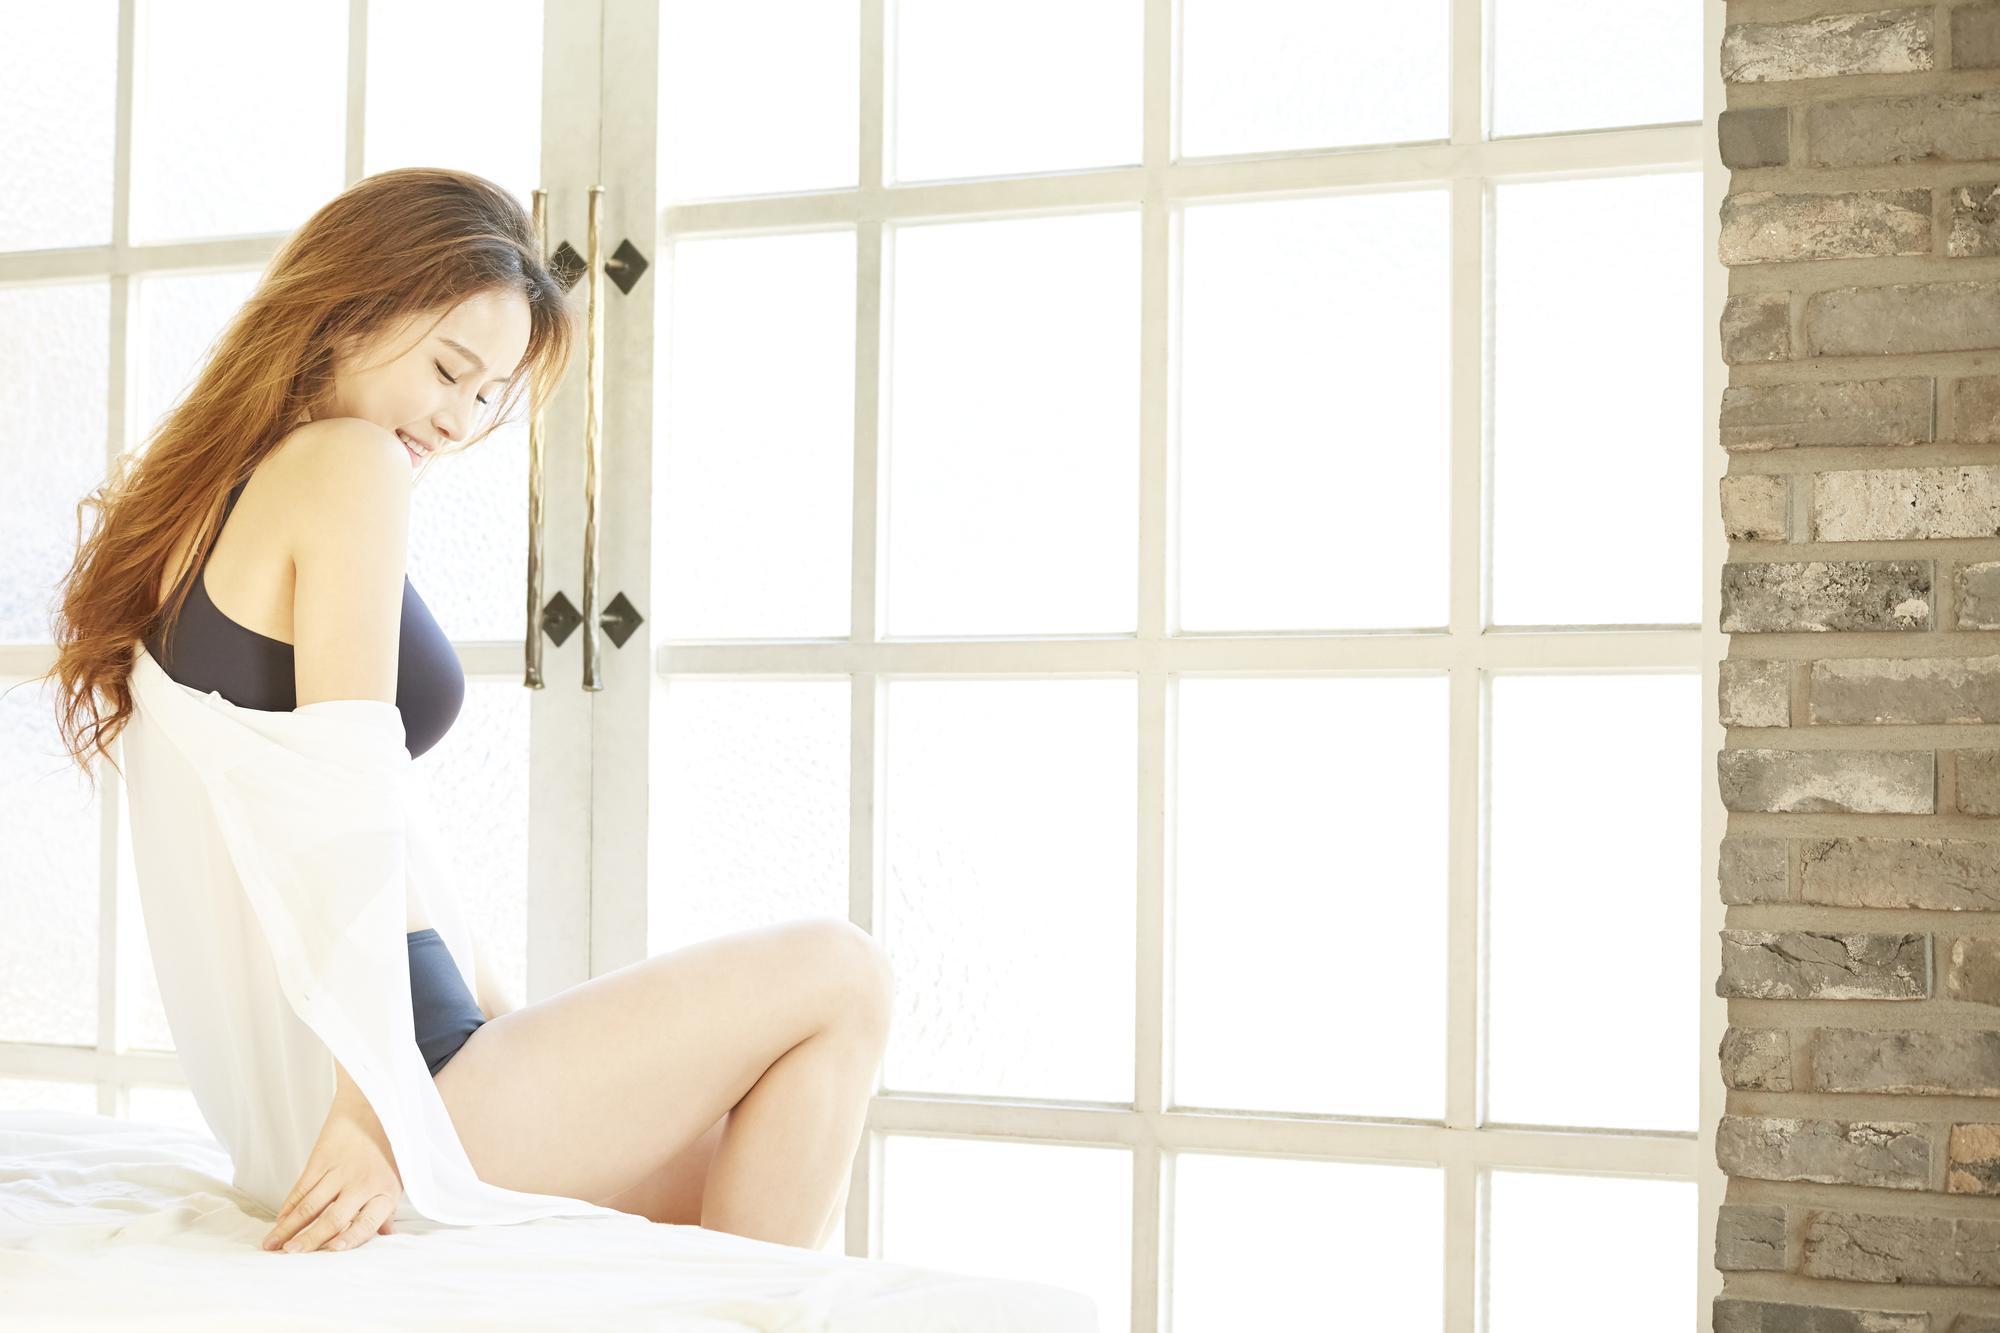 窓の前に立つノンワイヤーを着用している女性